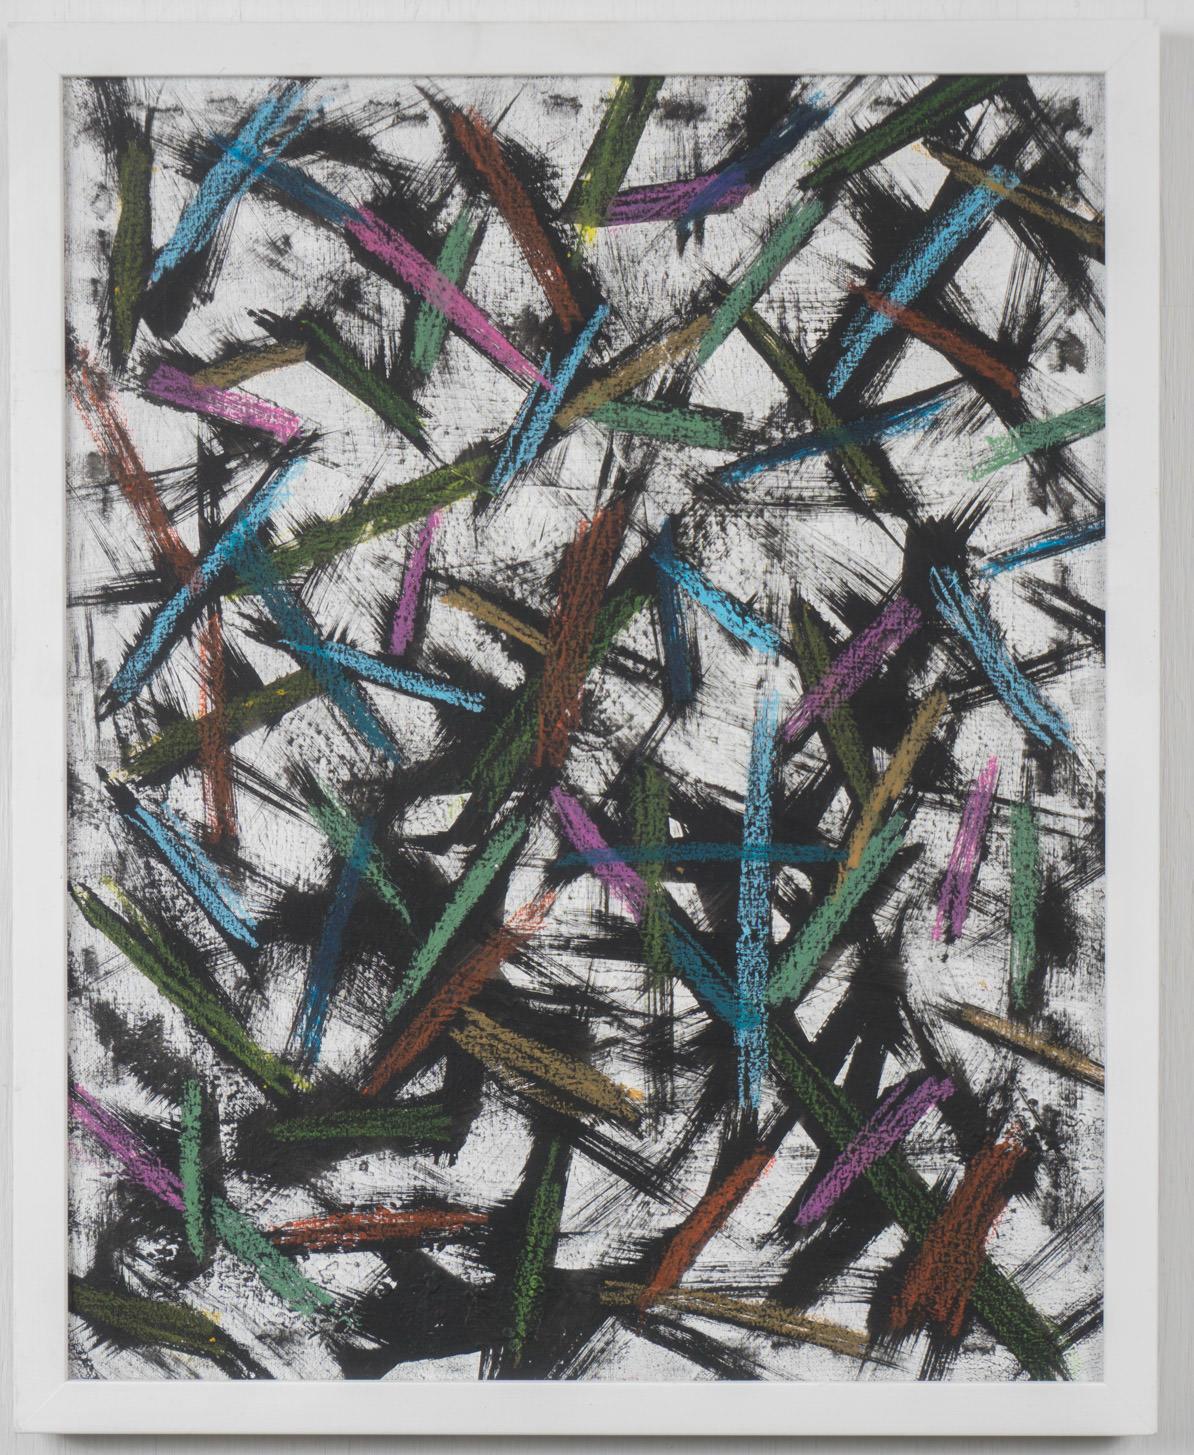 17x20 - canvas - acrylic, pastel, gesso